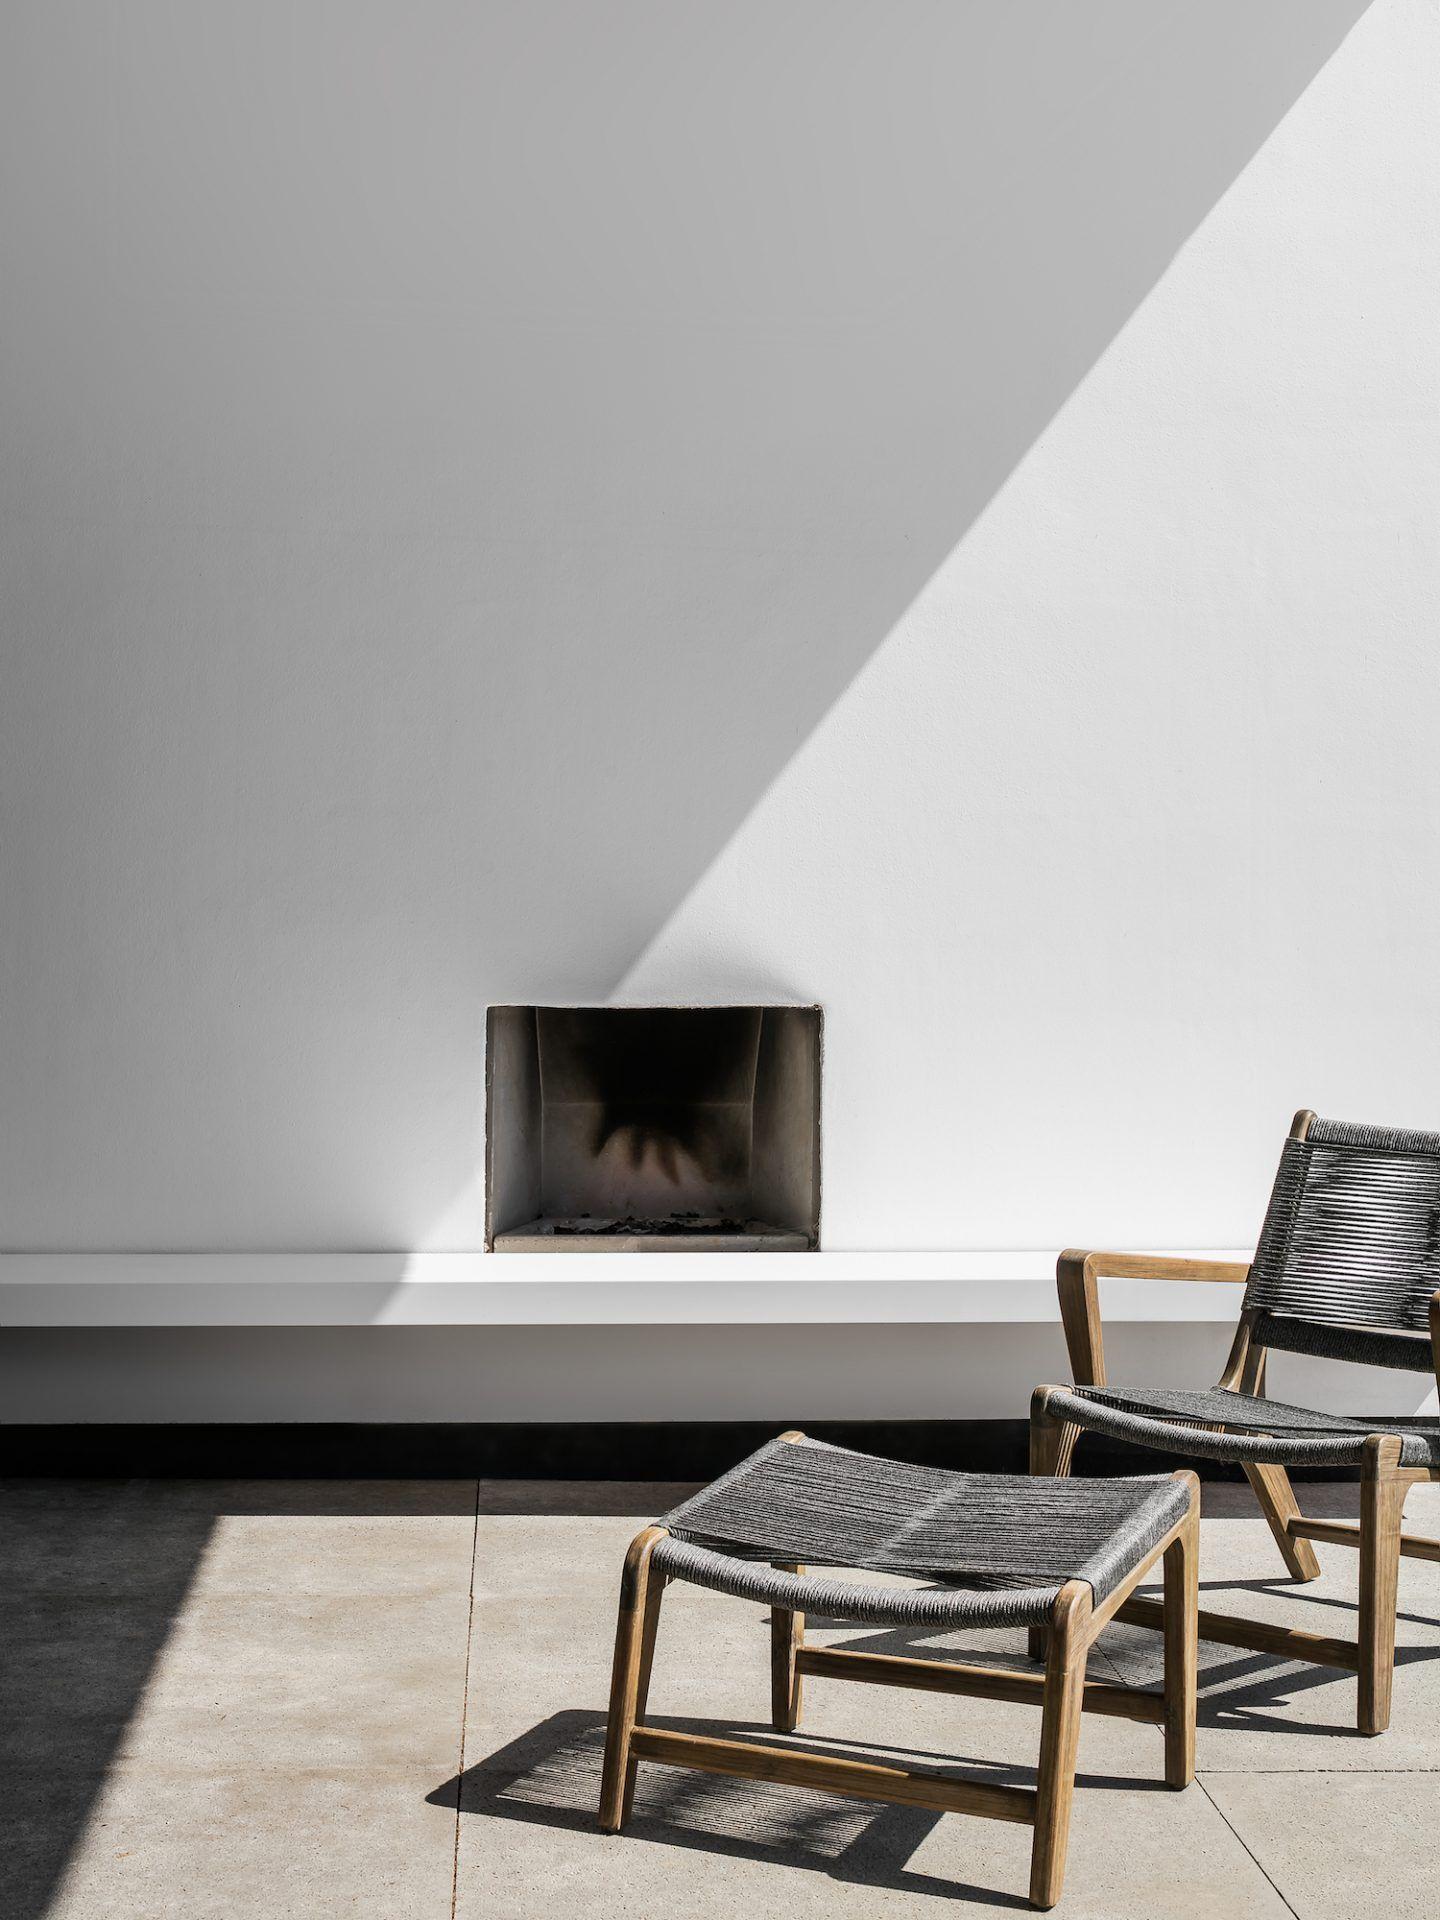 IGNANT-Architecture-Niels-Maier-Oblique-House-010